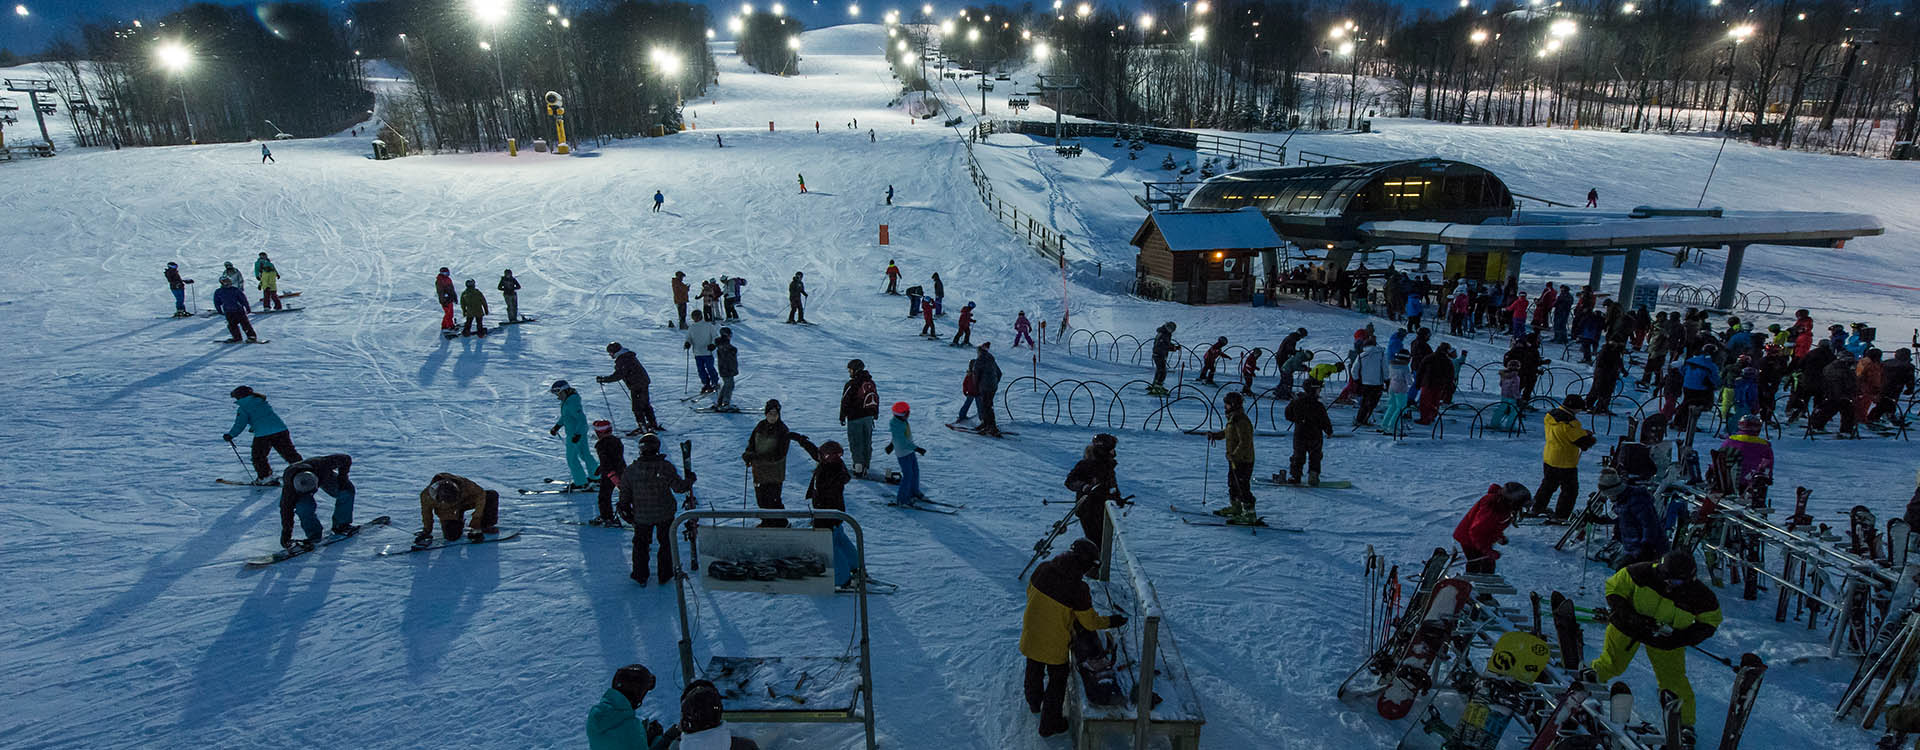 Banner1 - Snow Much Fun!